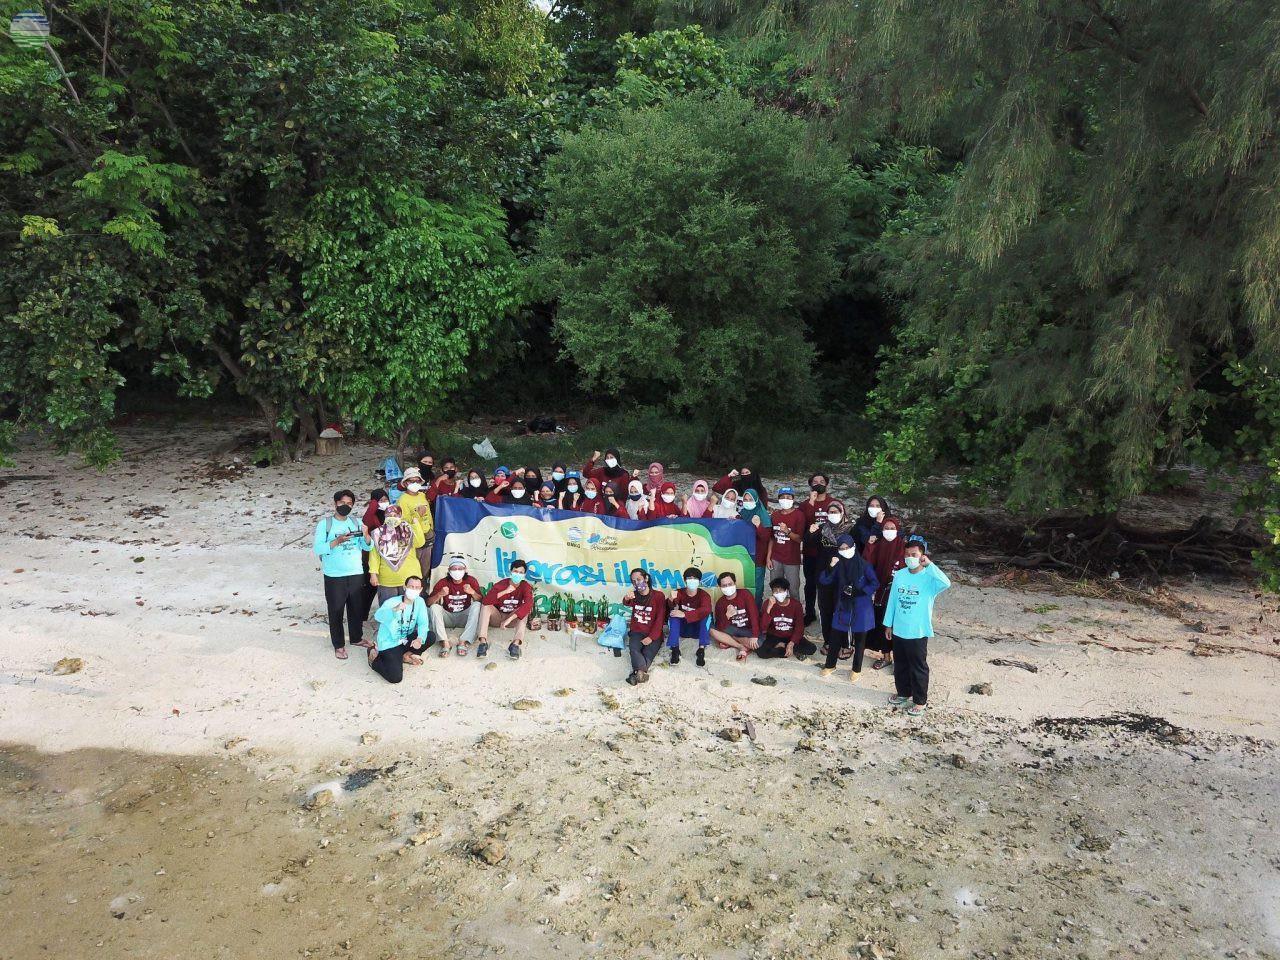 BMKG Gelar Sosialiasi Literasi Iklim Generasi Muda dan Masyarakat di Pulau Pramuka